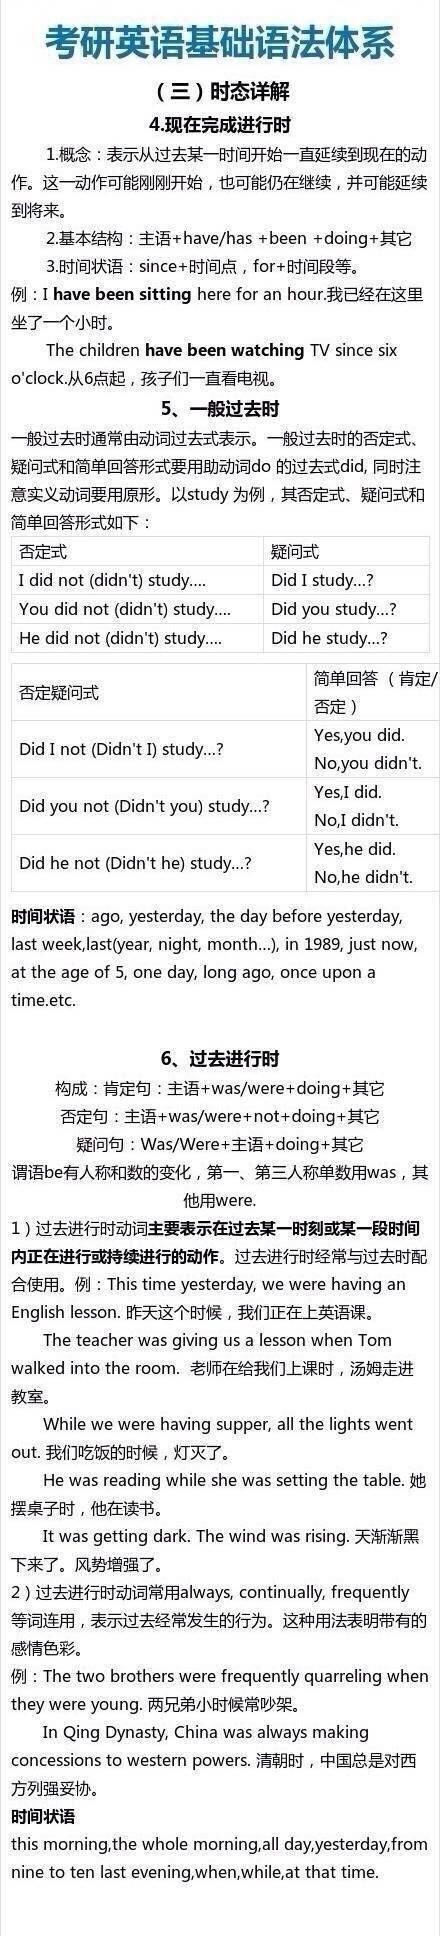 考研英语基础语法汇总